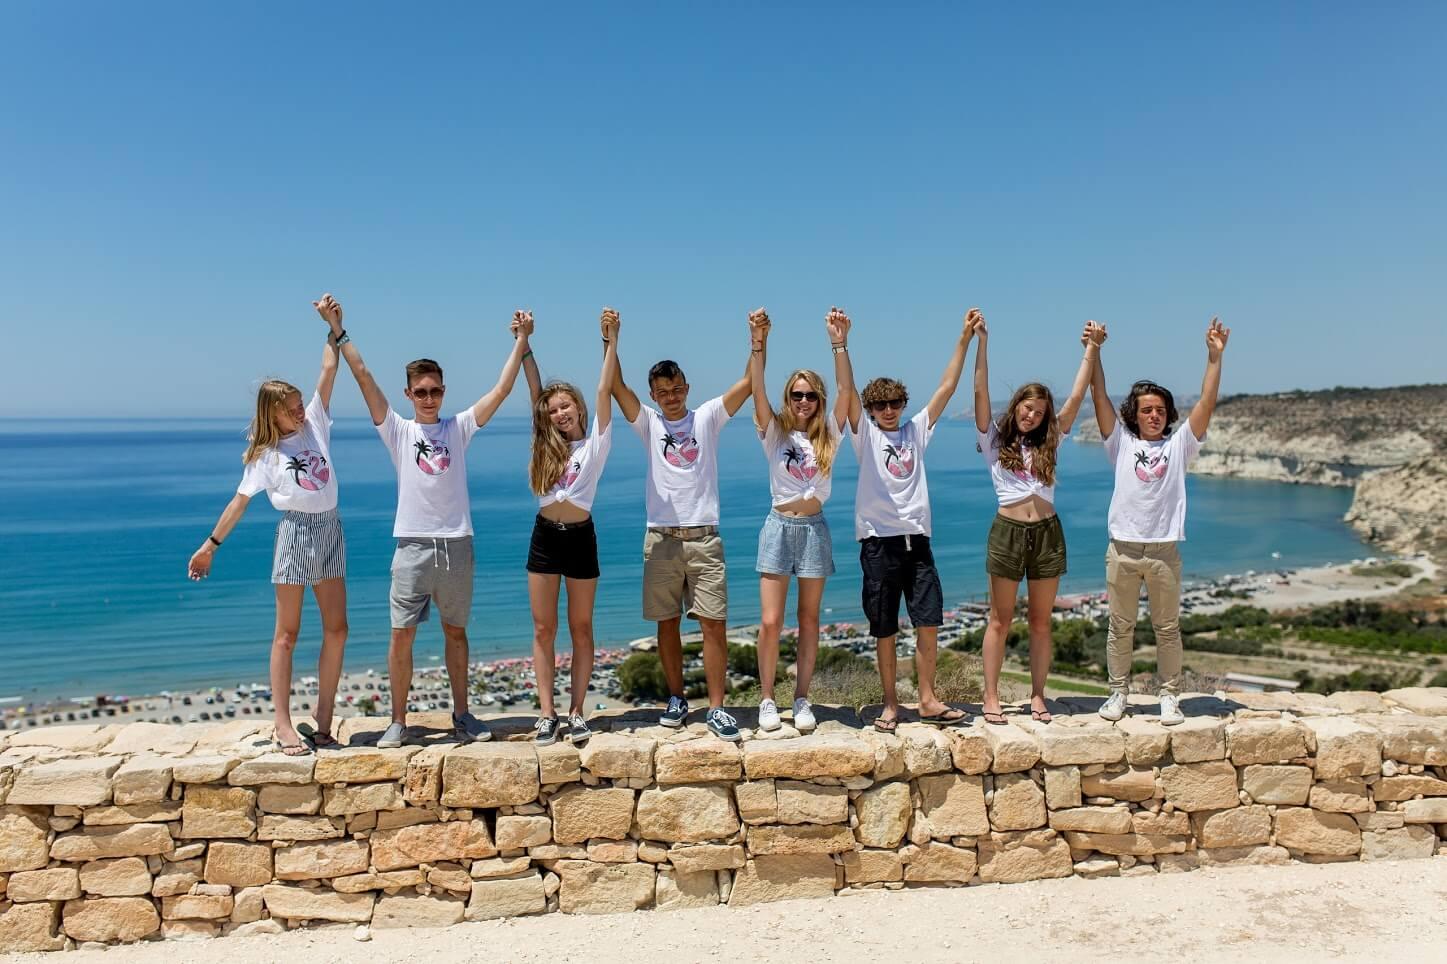 дети на пляже msmstudy